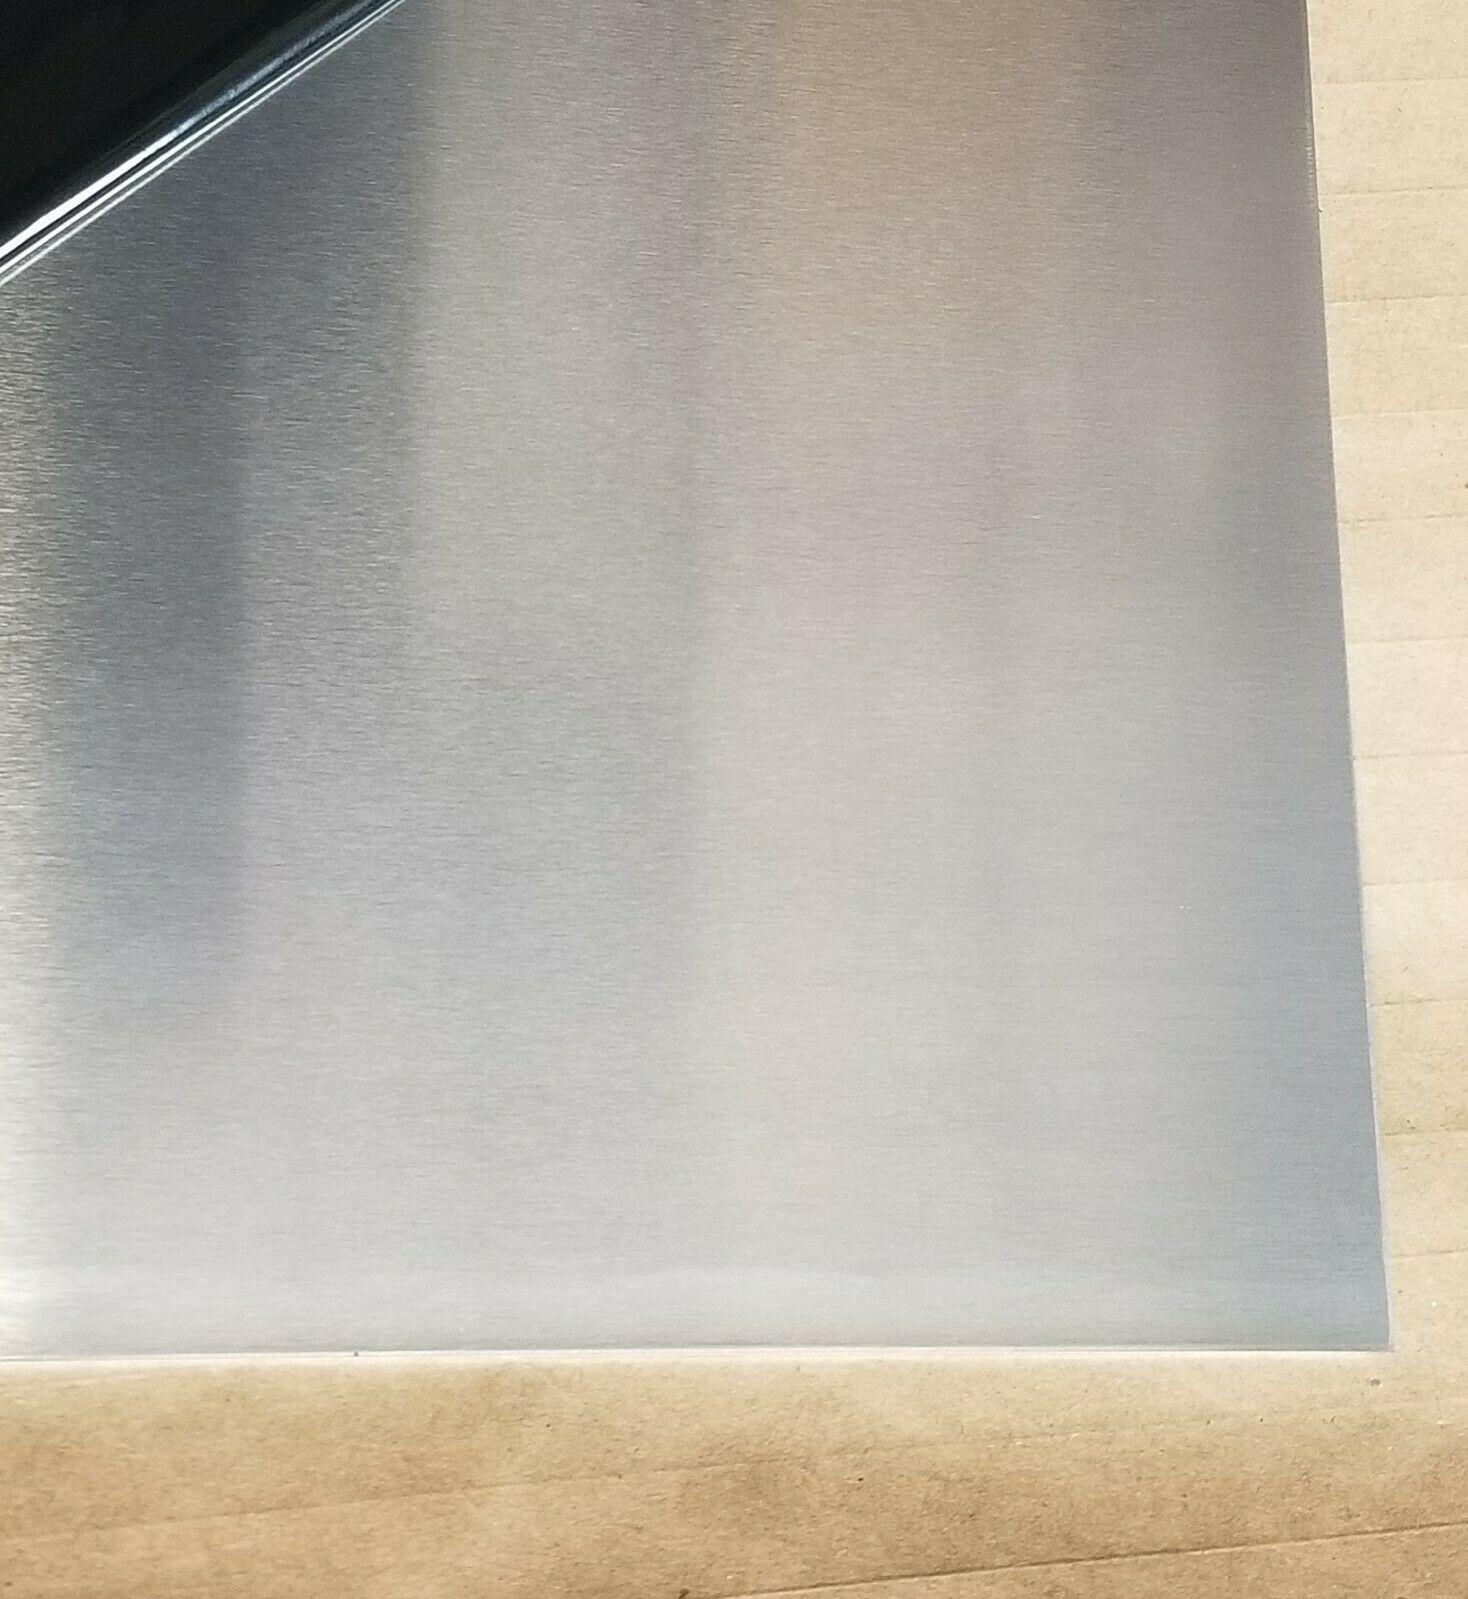 1//8 x 7 x 9 Aluminum Plate 5052 Aluminum